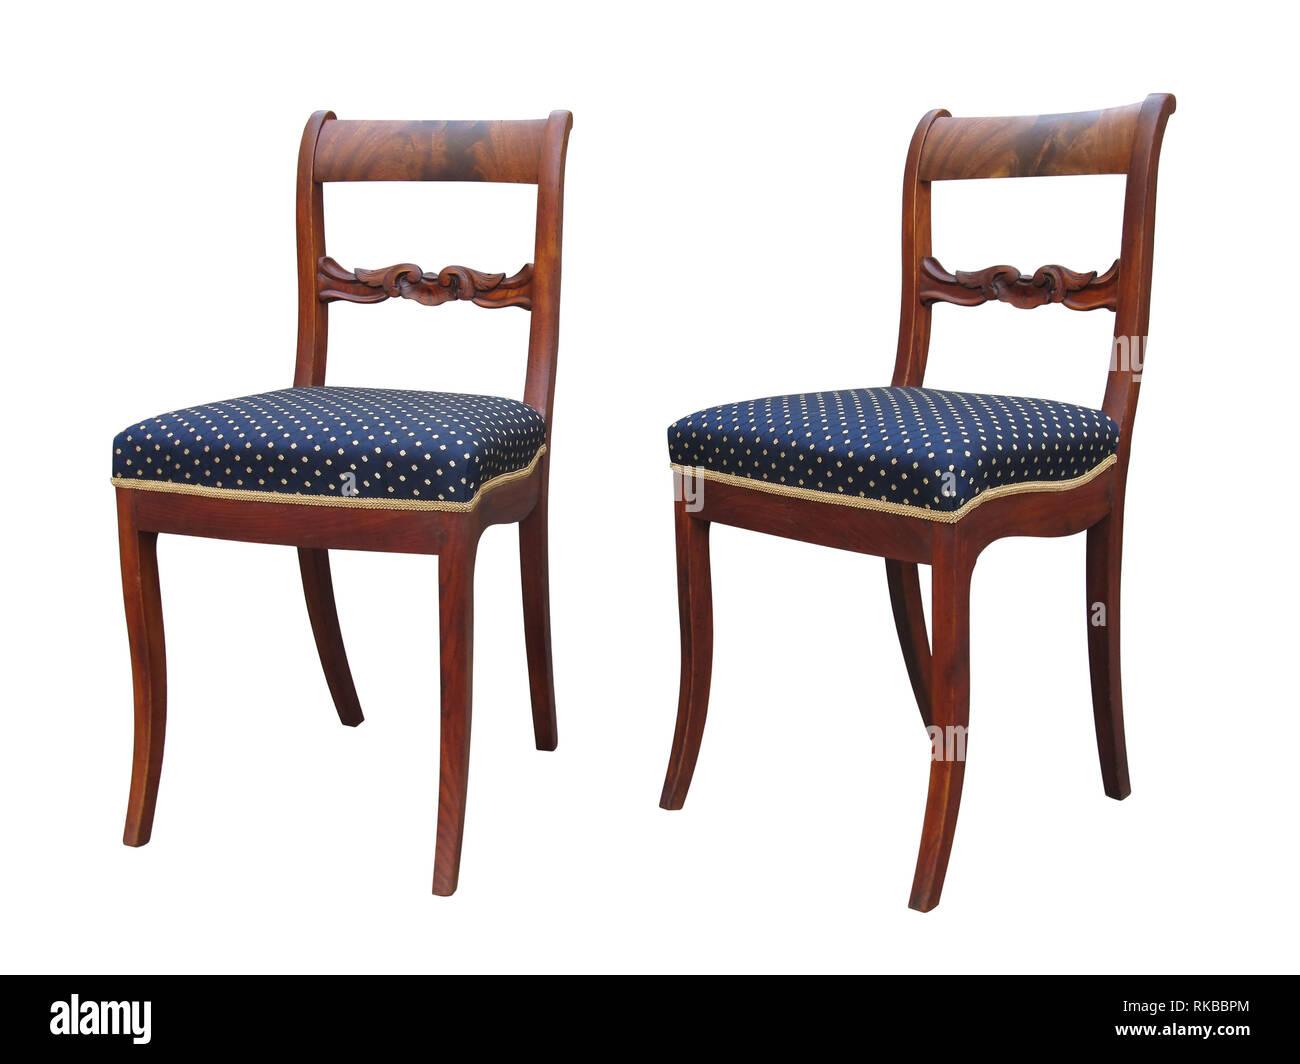 Antike Biedermeier Stuhl Isoliert Mit Blauer Stoff Und Woor